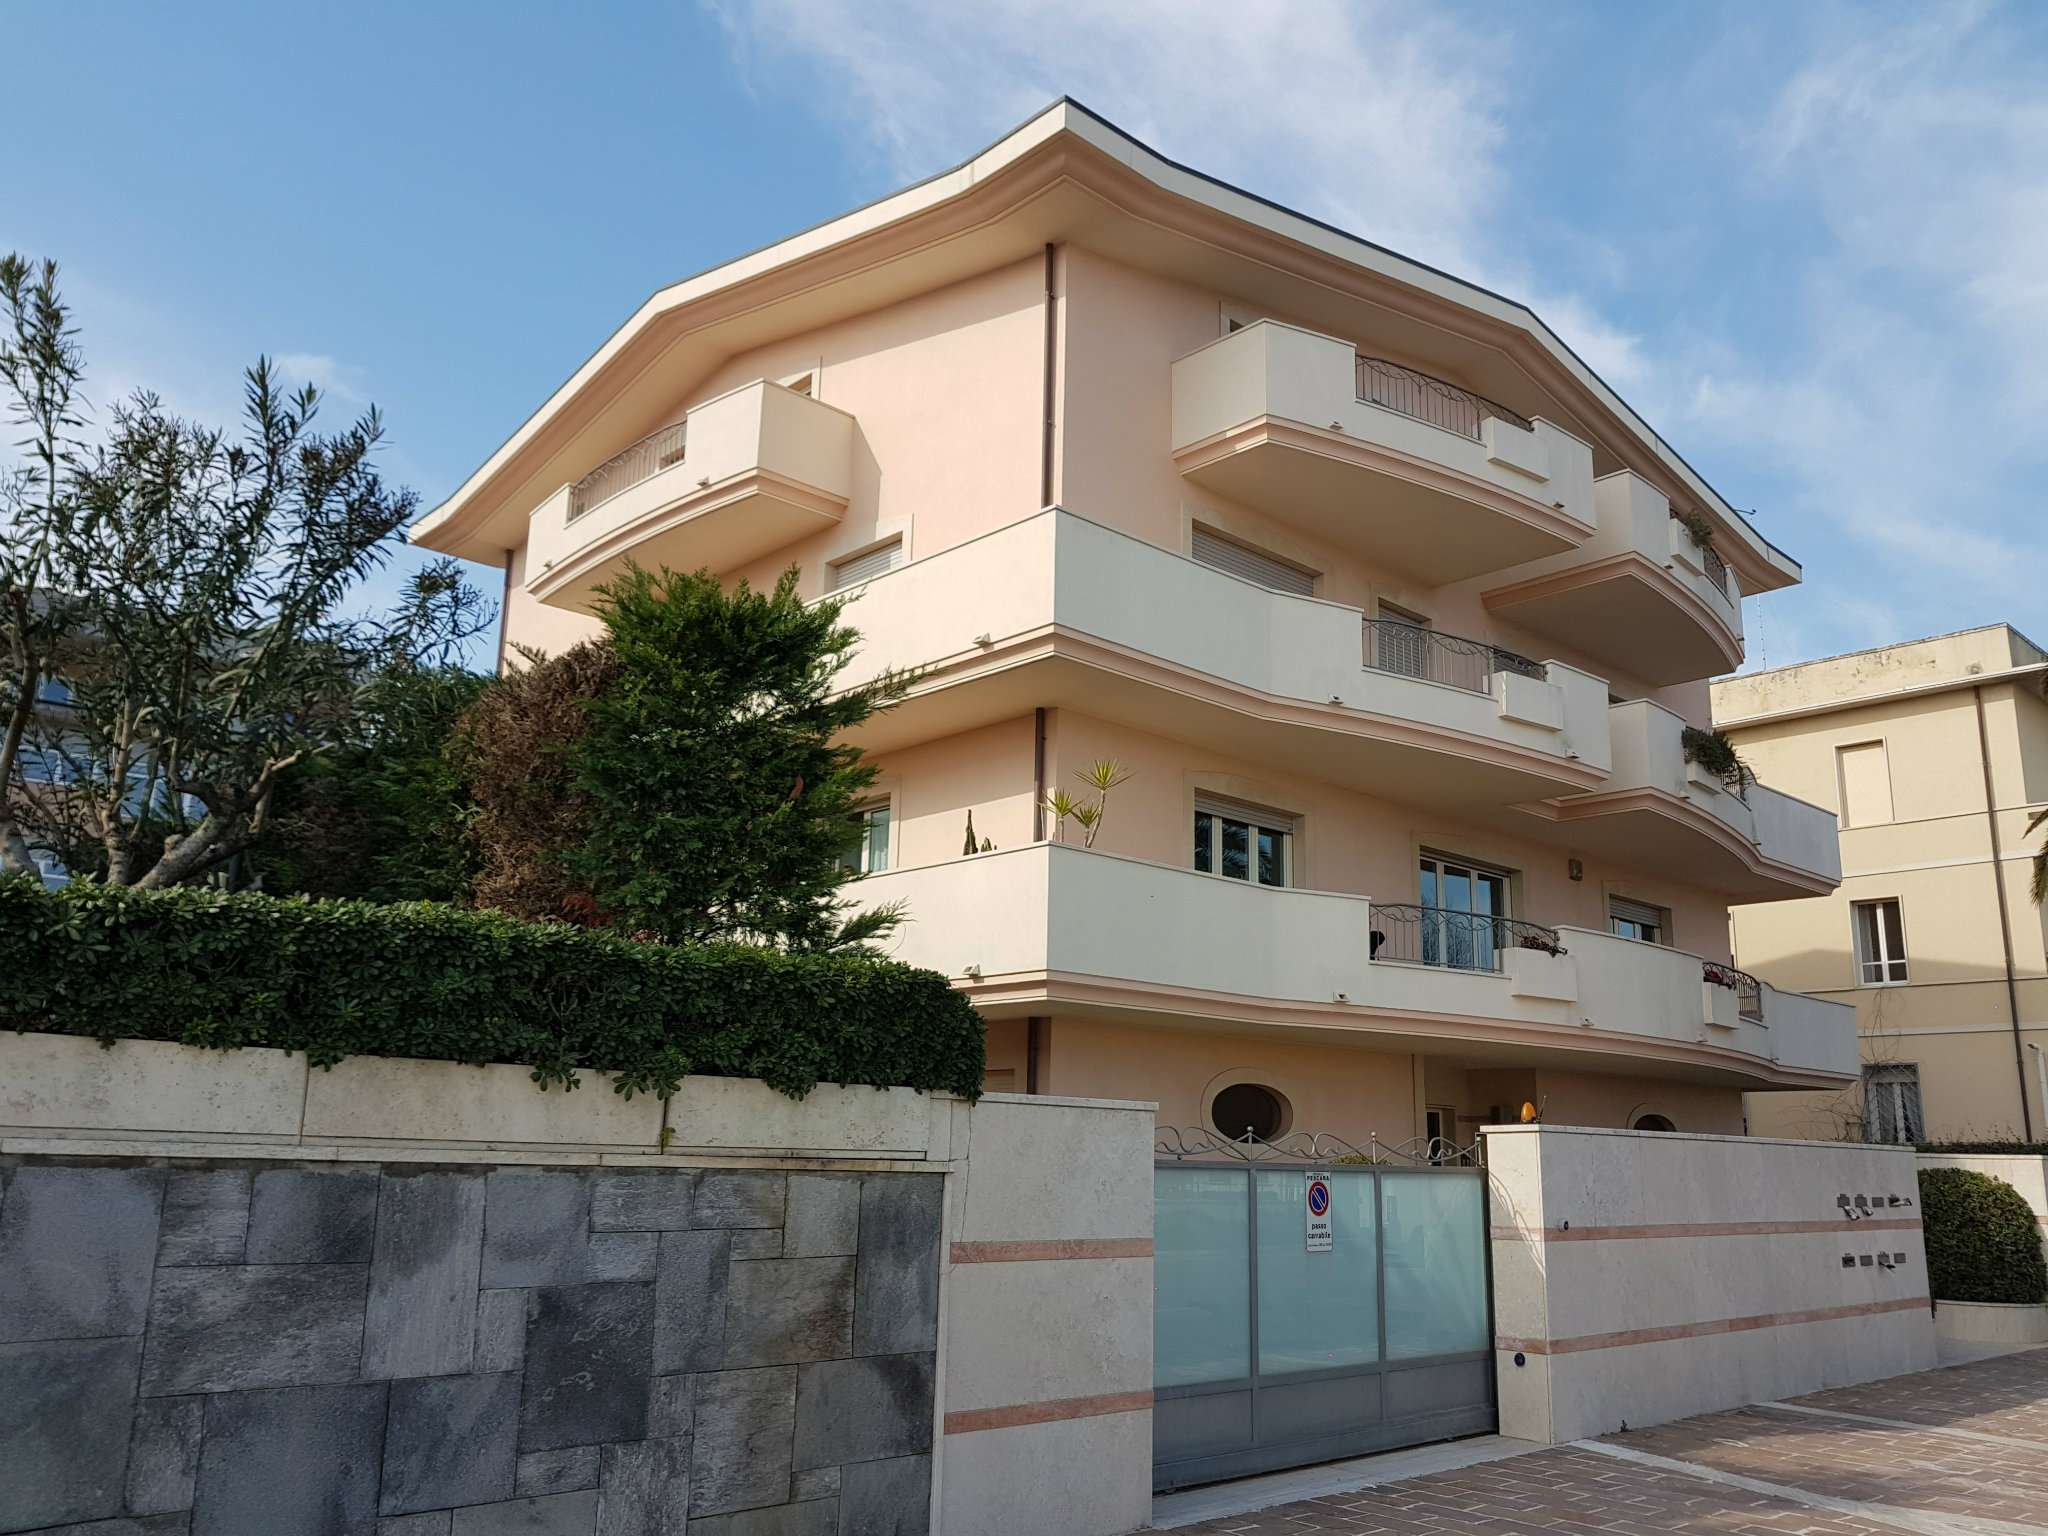 Attico / Mansarda in affitto a Pescara, 9999 locali, prezzo € 2.300 | CambioCasa.it